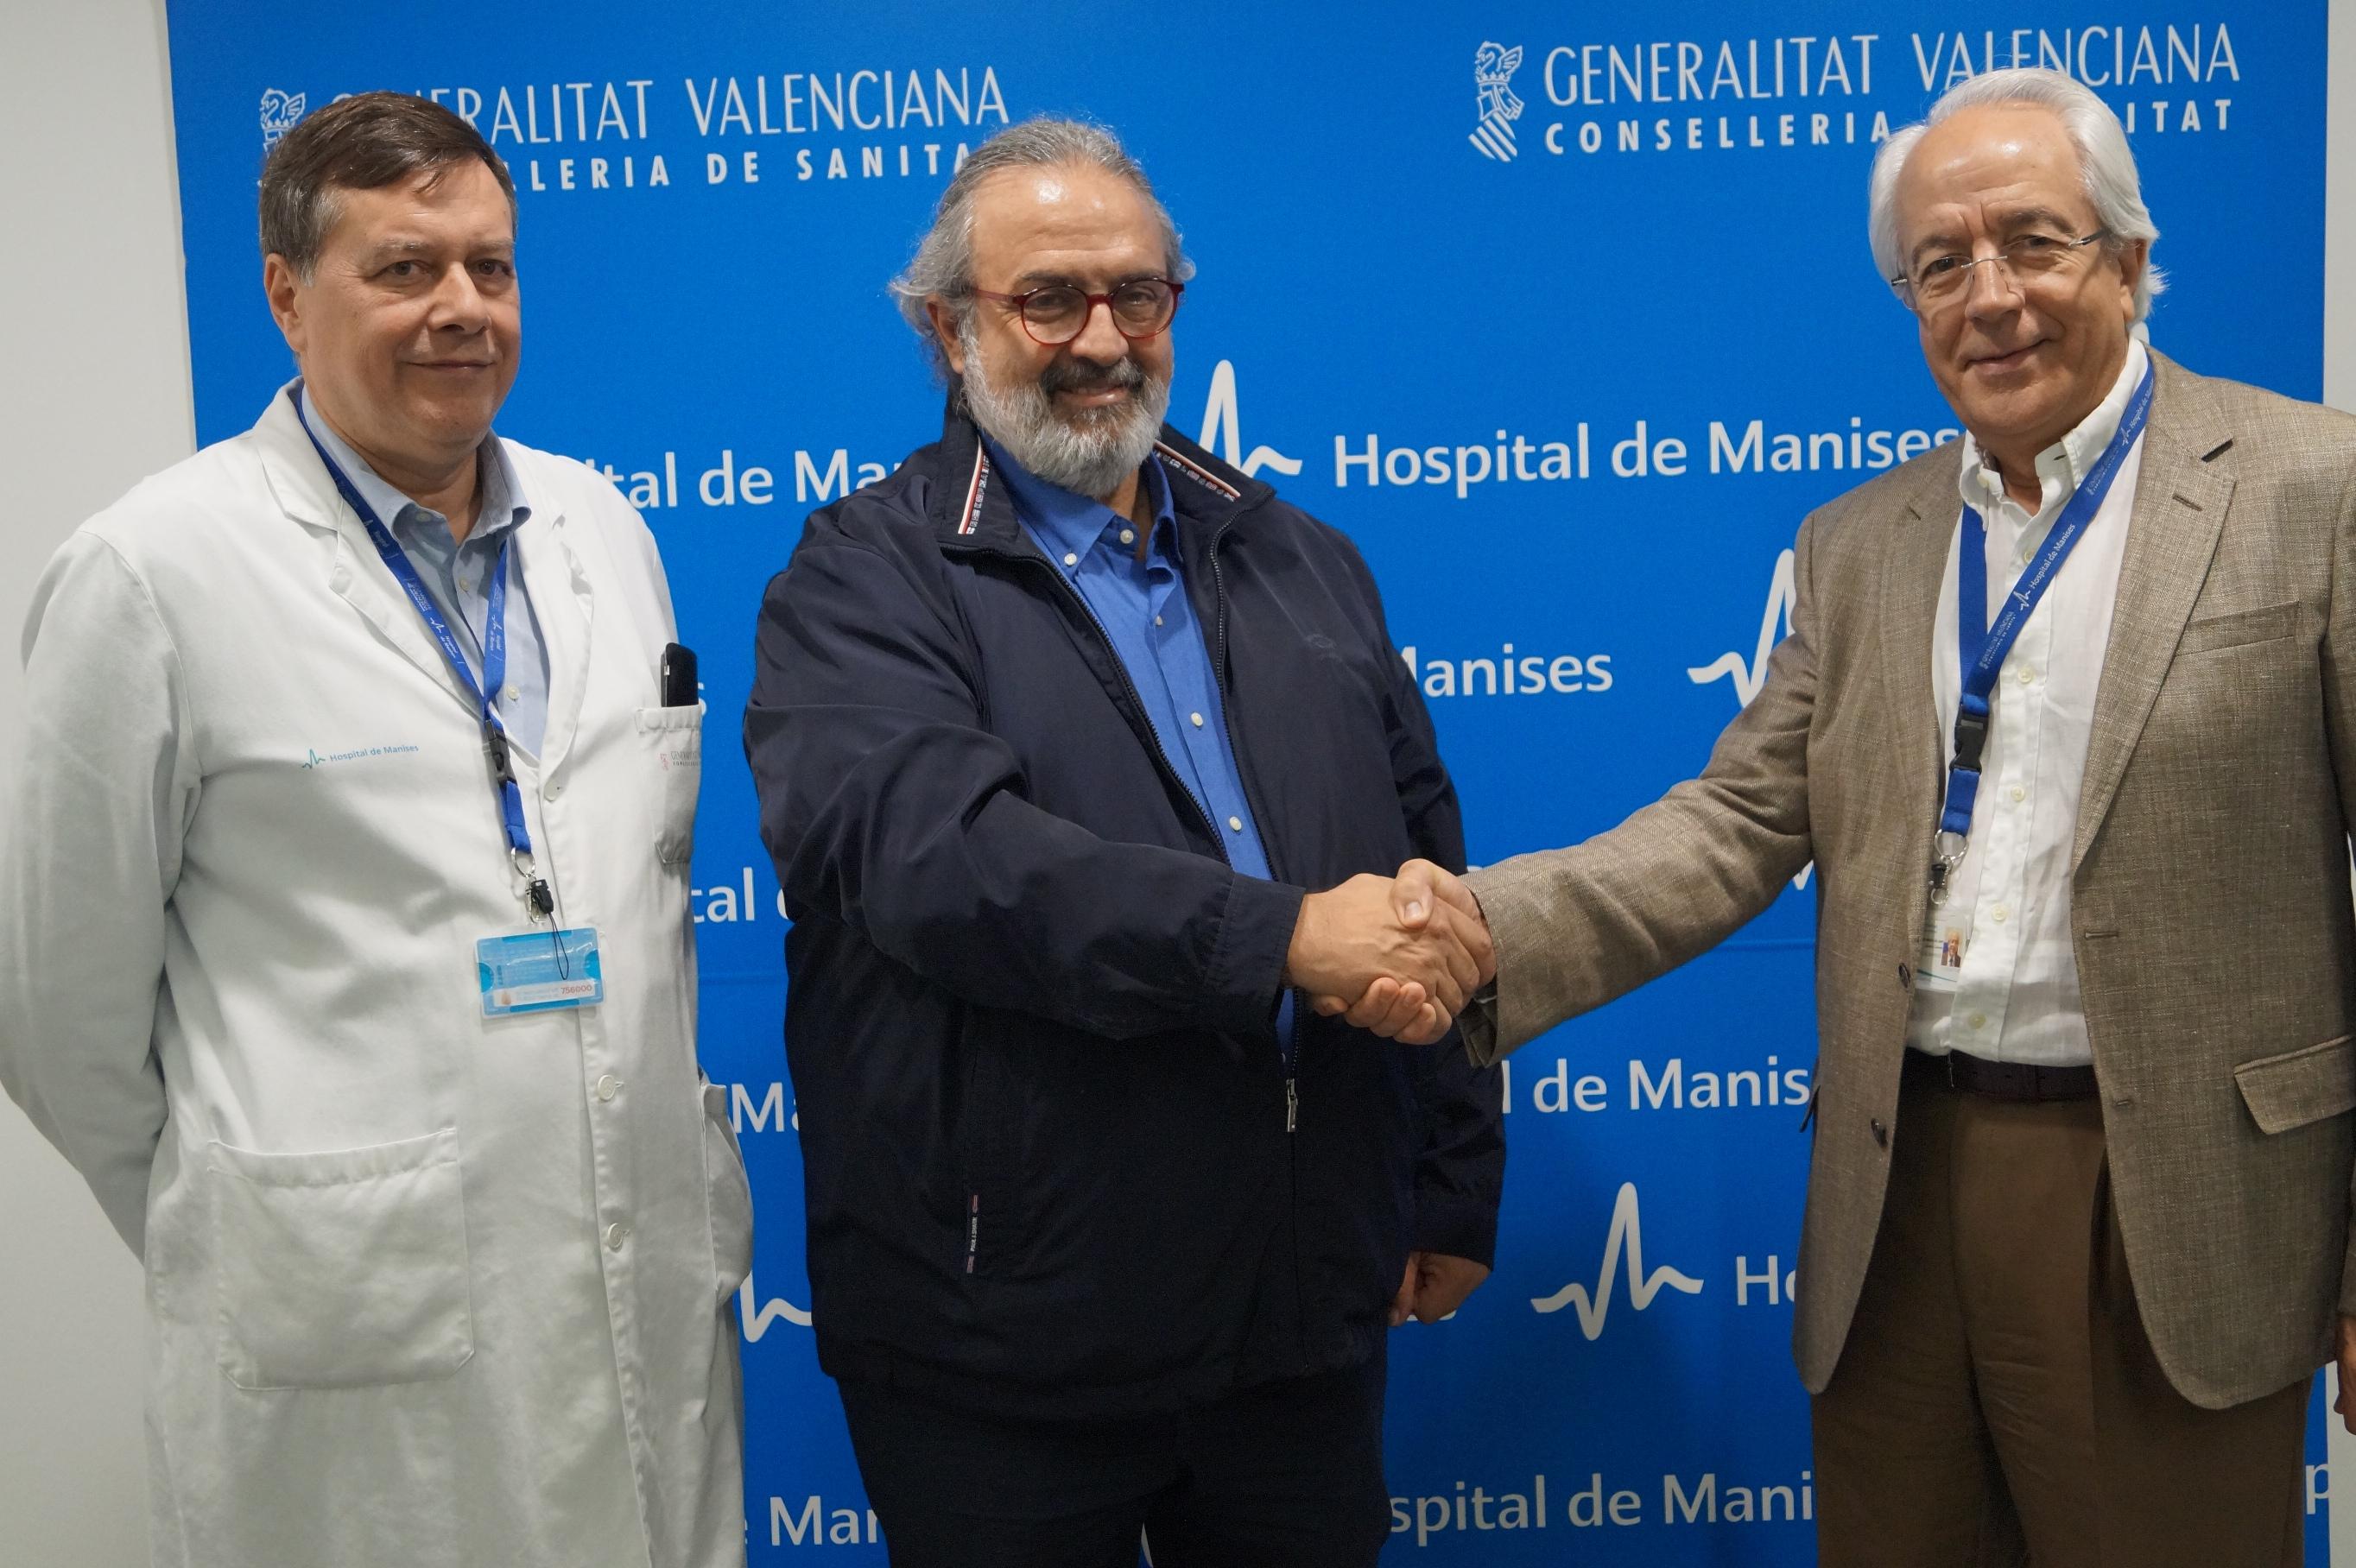 La Federación de Sociedades Musicales de la Comunidad Valenciana y el Hospital de Manises han firmado un acuerdo de colaboración para formentar la salud entre los músicos.